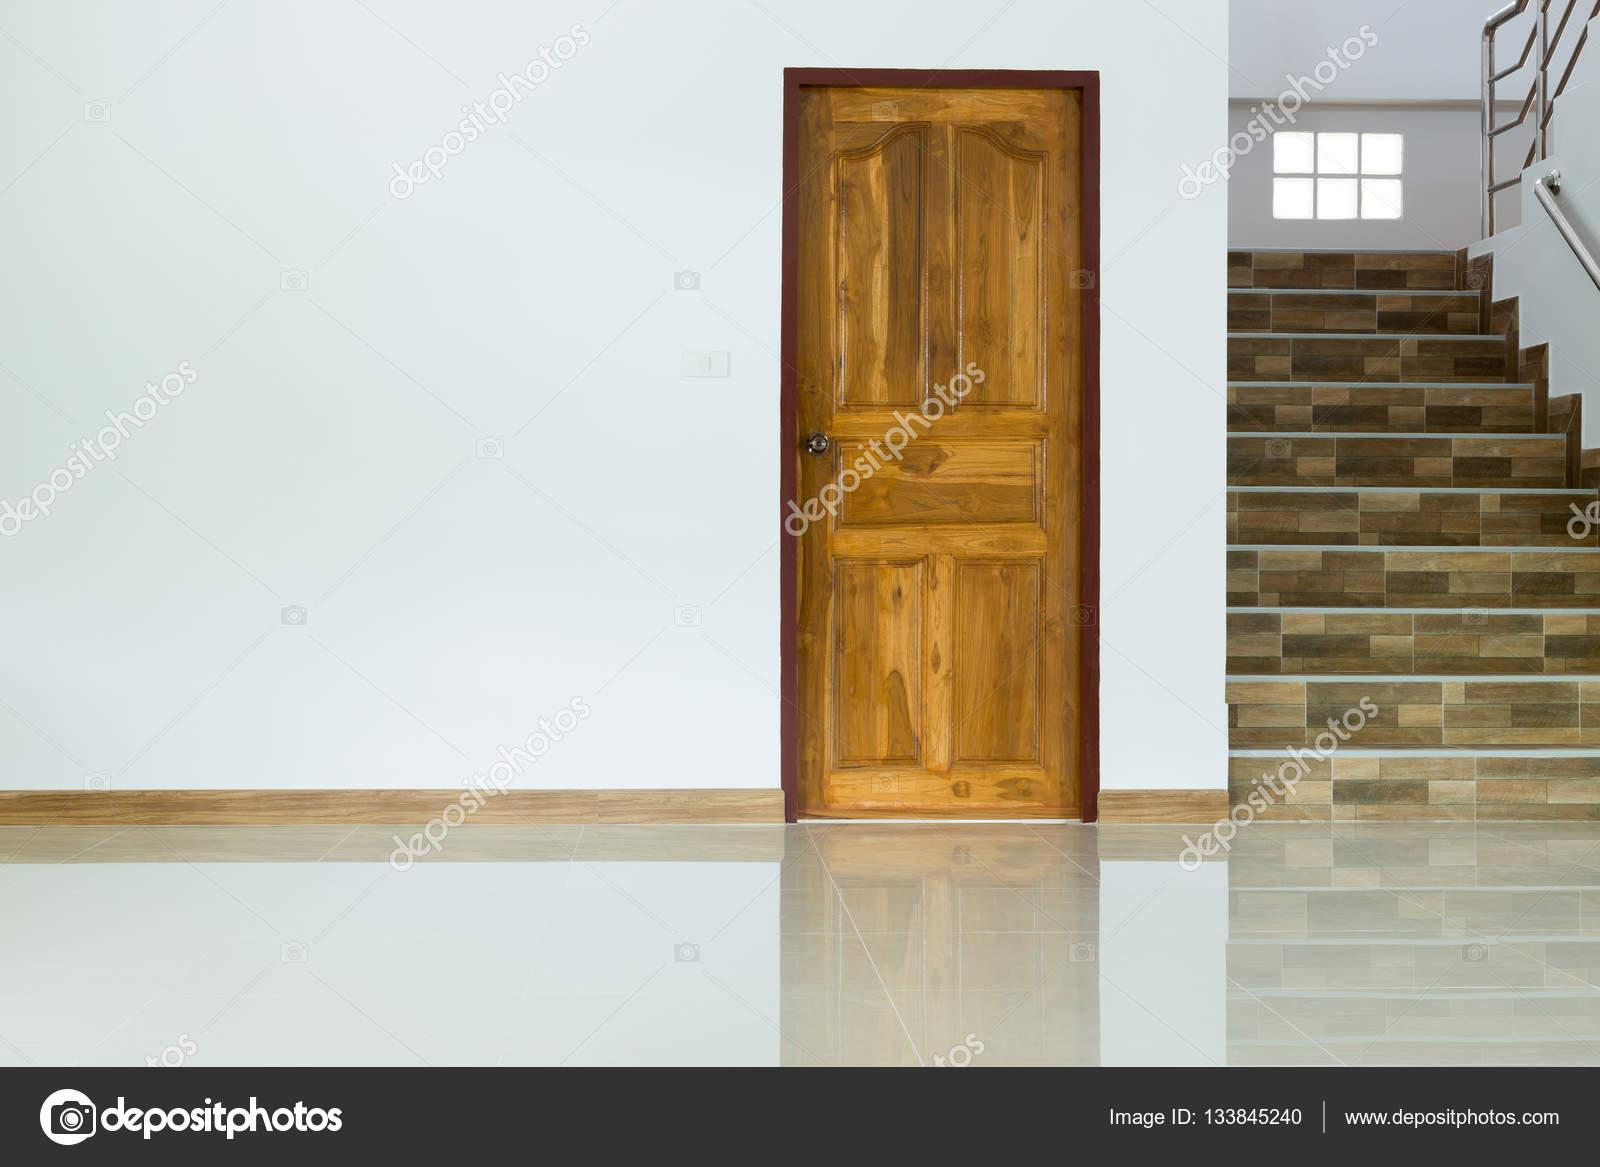 Fotos Puertas De Madera Blancas Interior De La Habitacion Vacia